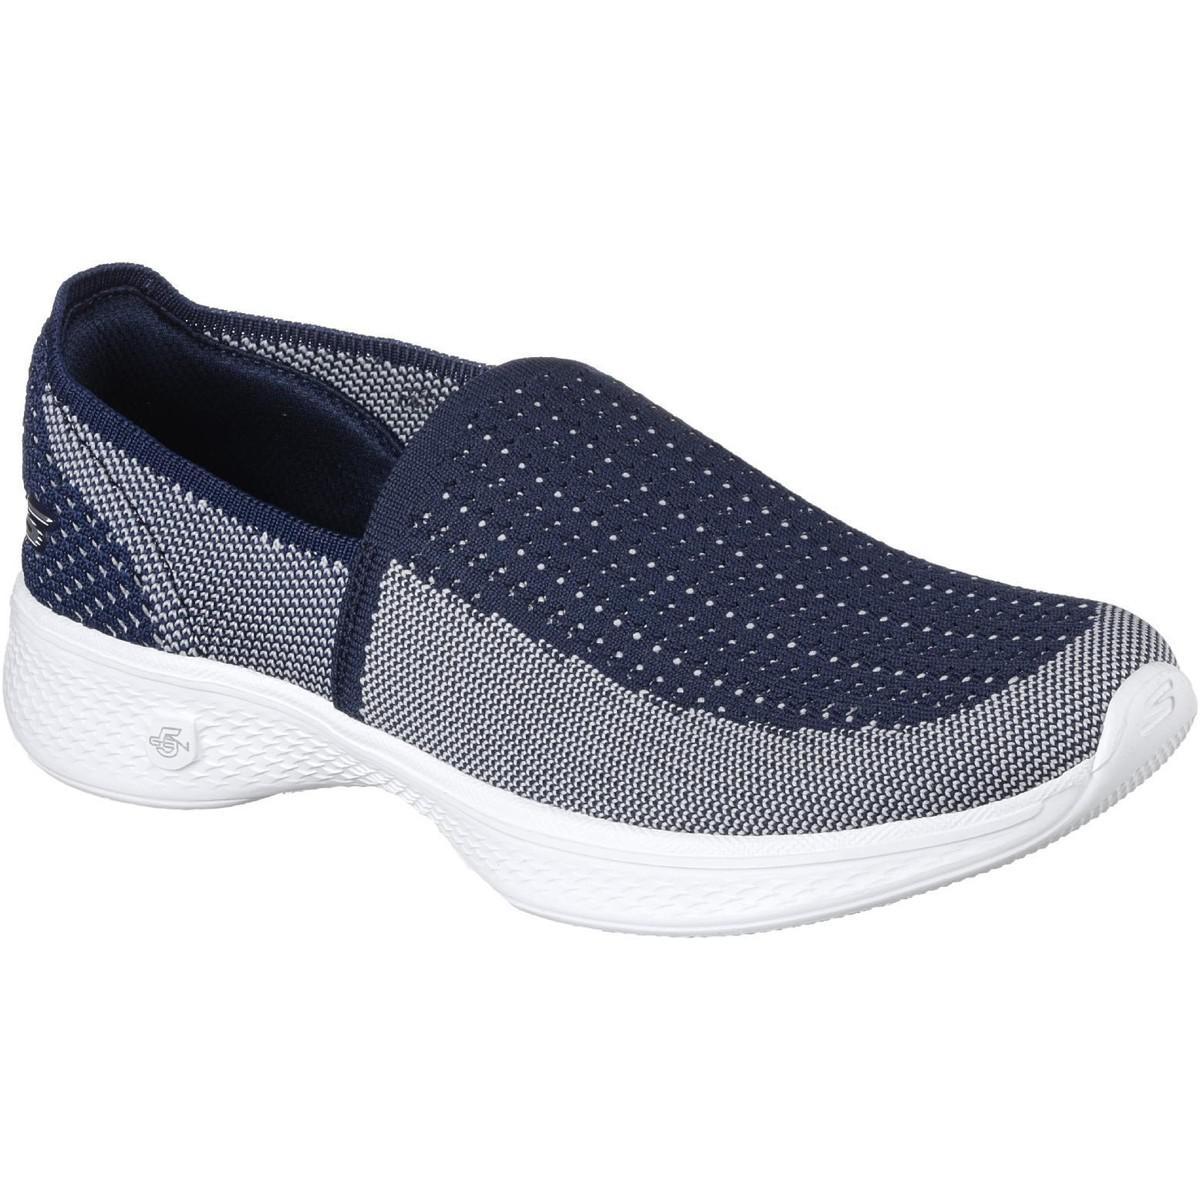 449a40066efb Skechers Go Walk 4 Ravish Women s Slip-ons (shoes) In Blue in Blue ...